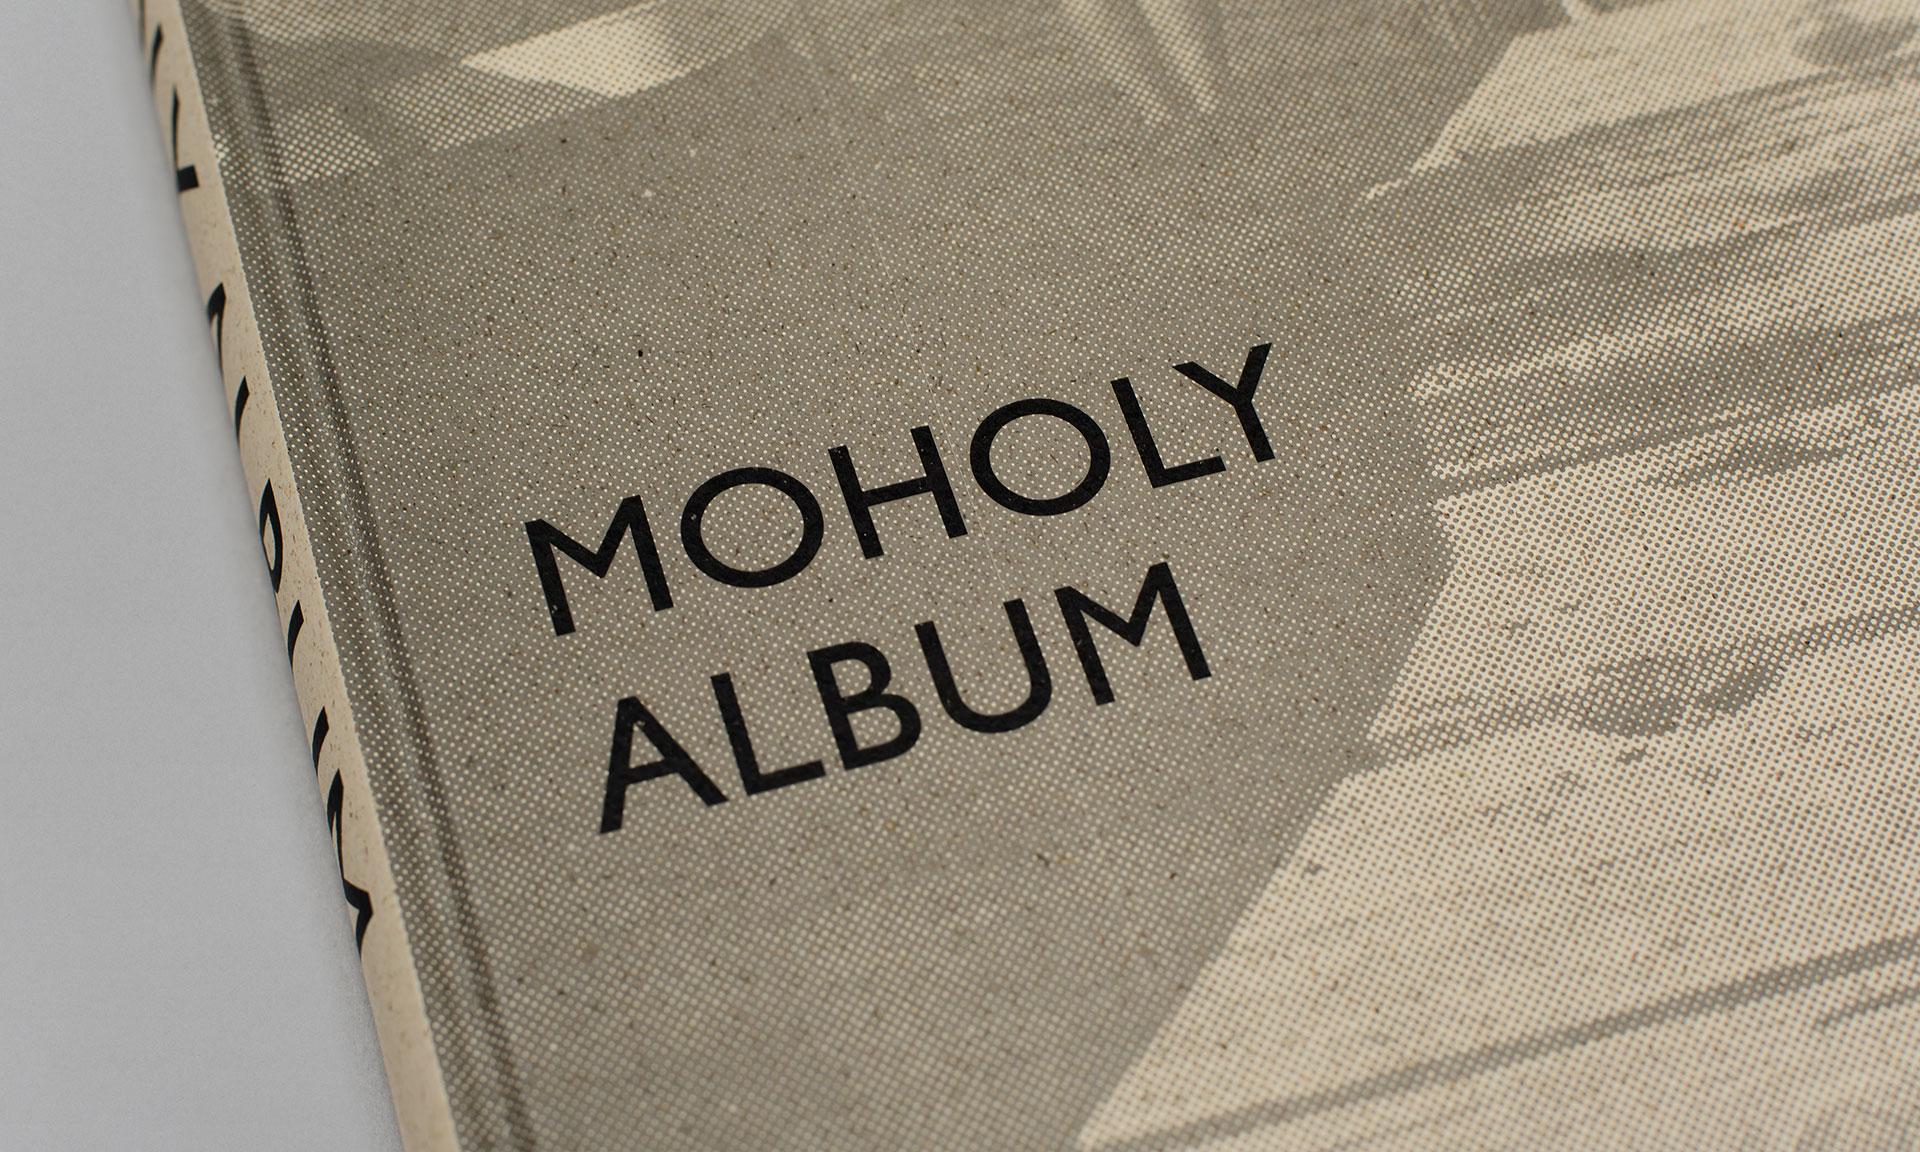 Fiedler_Moholy_03